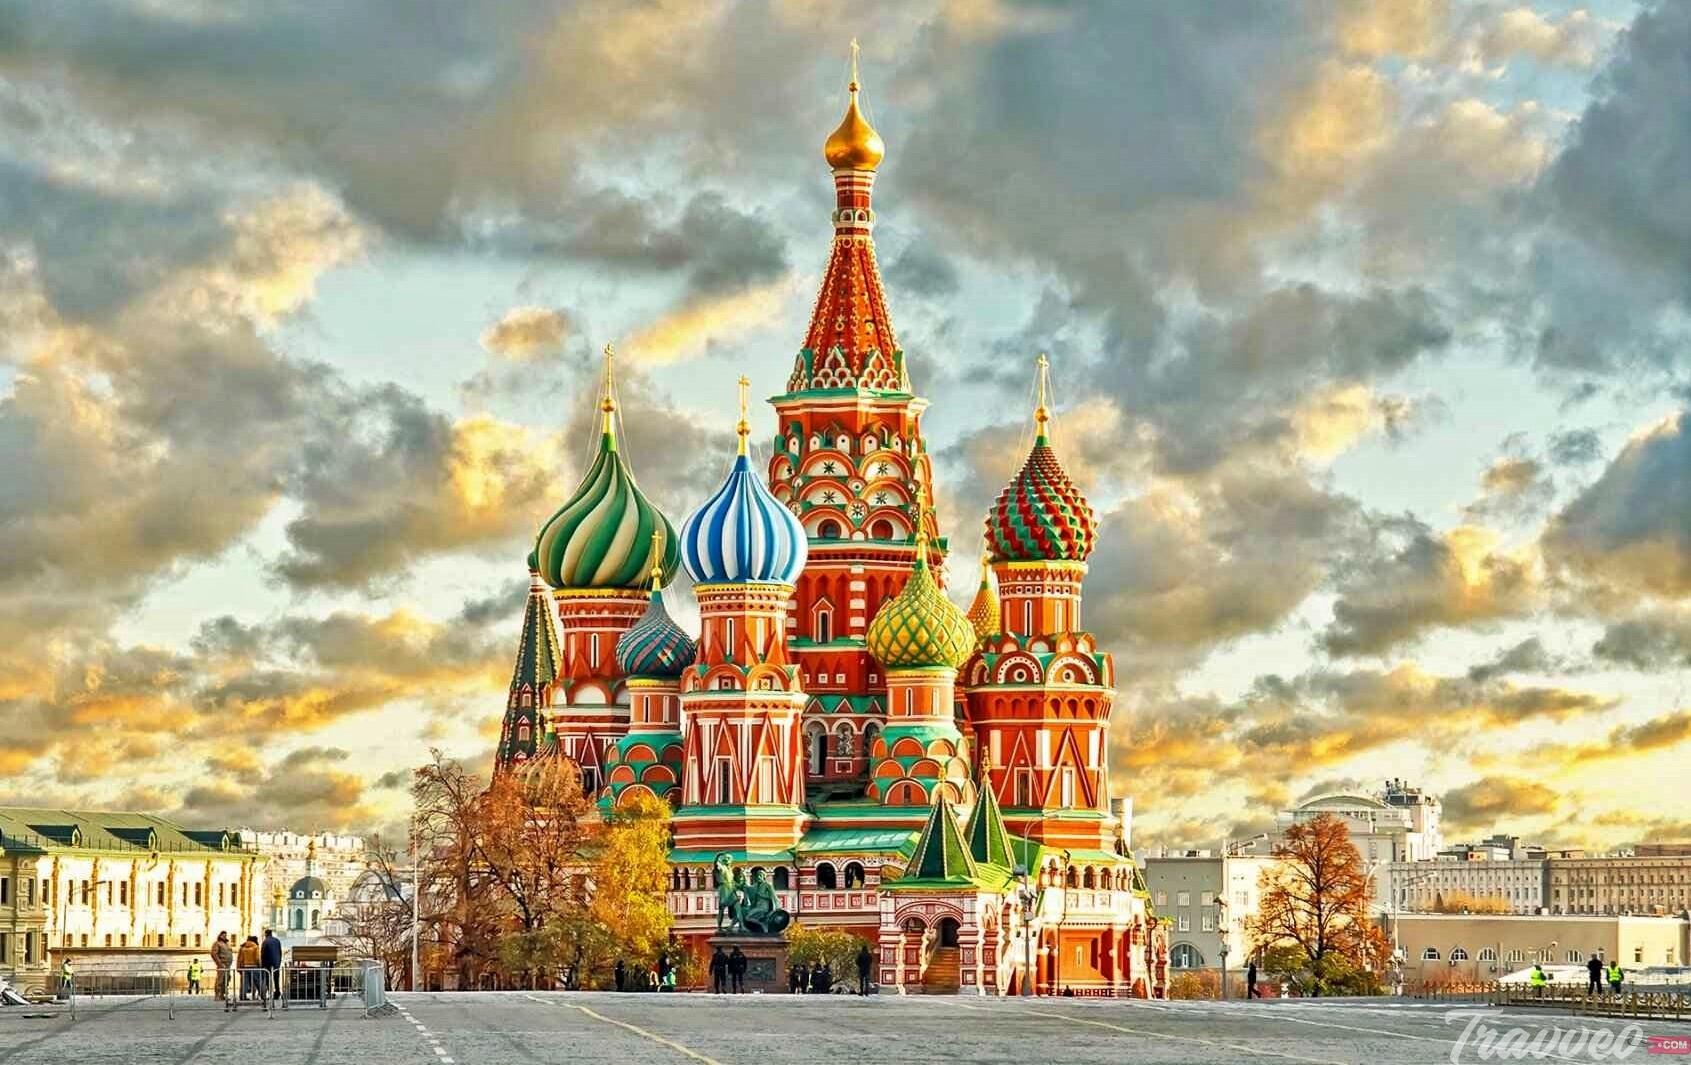 السياحة في الساحة الحمراء قلب موسكو